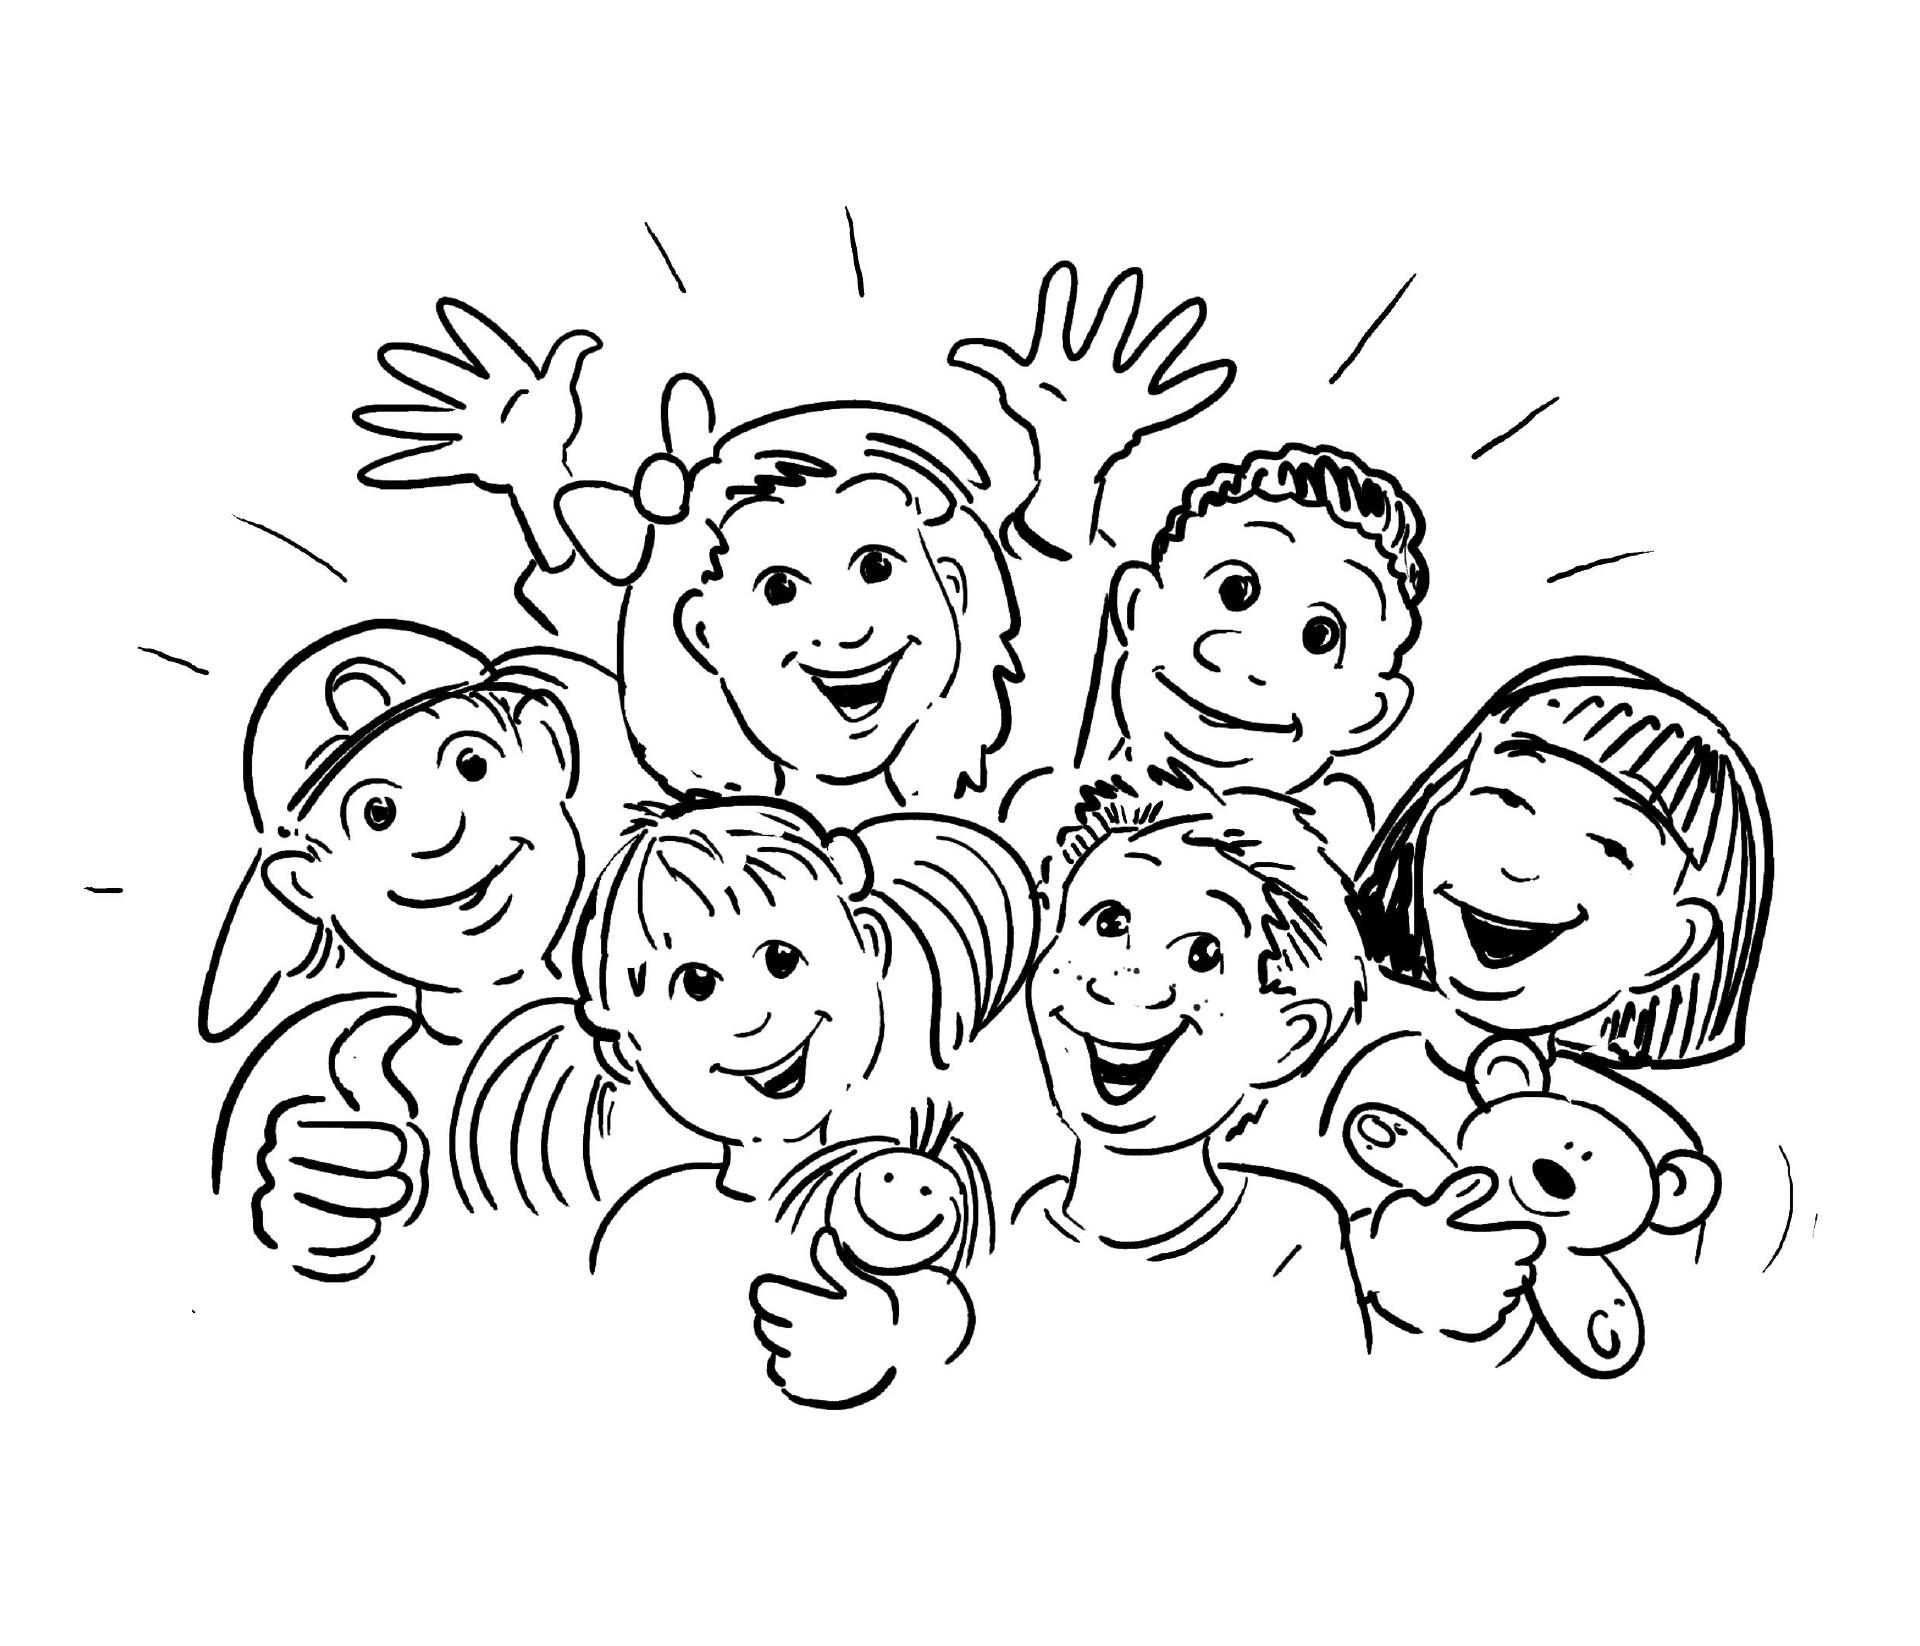 Ausmalbilder Kinder  Ausmalbilder kindern kostenlos Malvorlagen zum